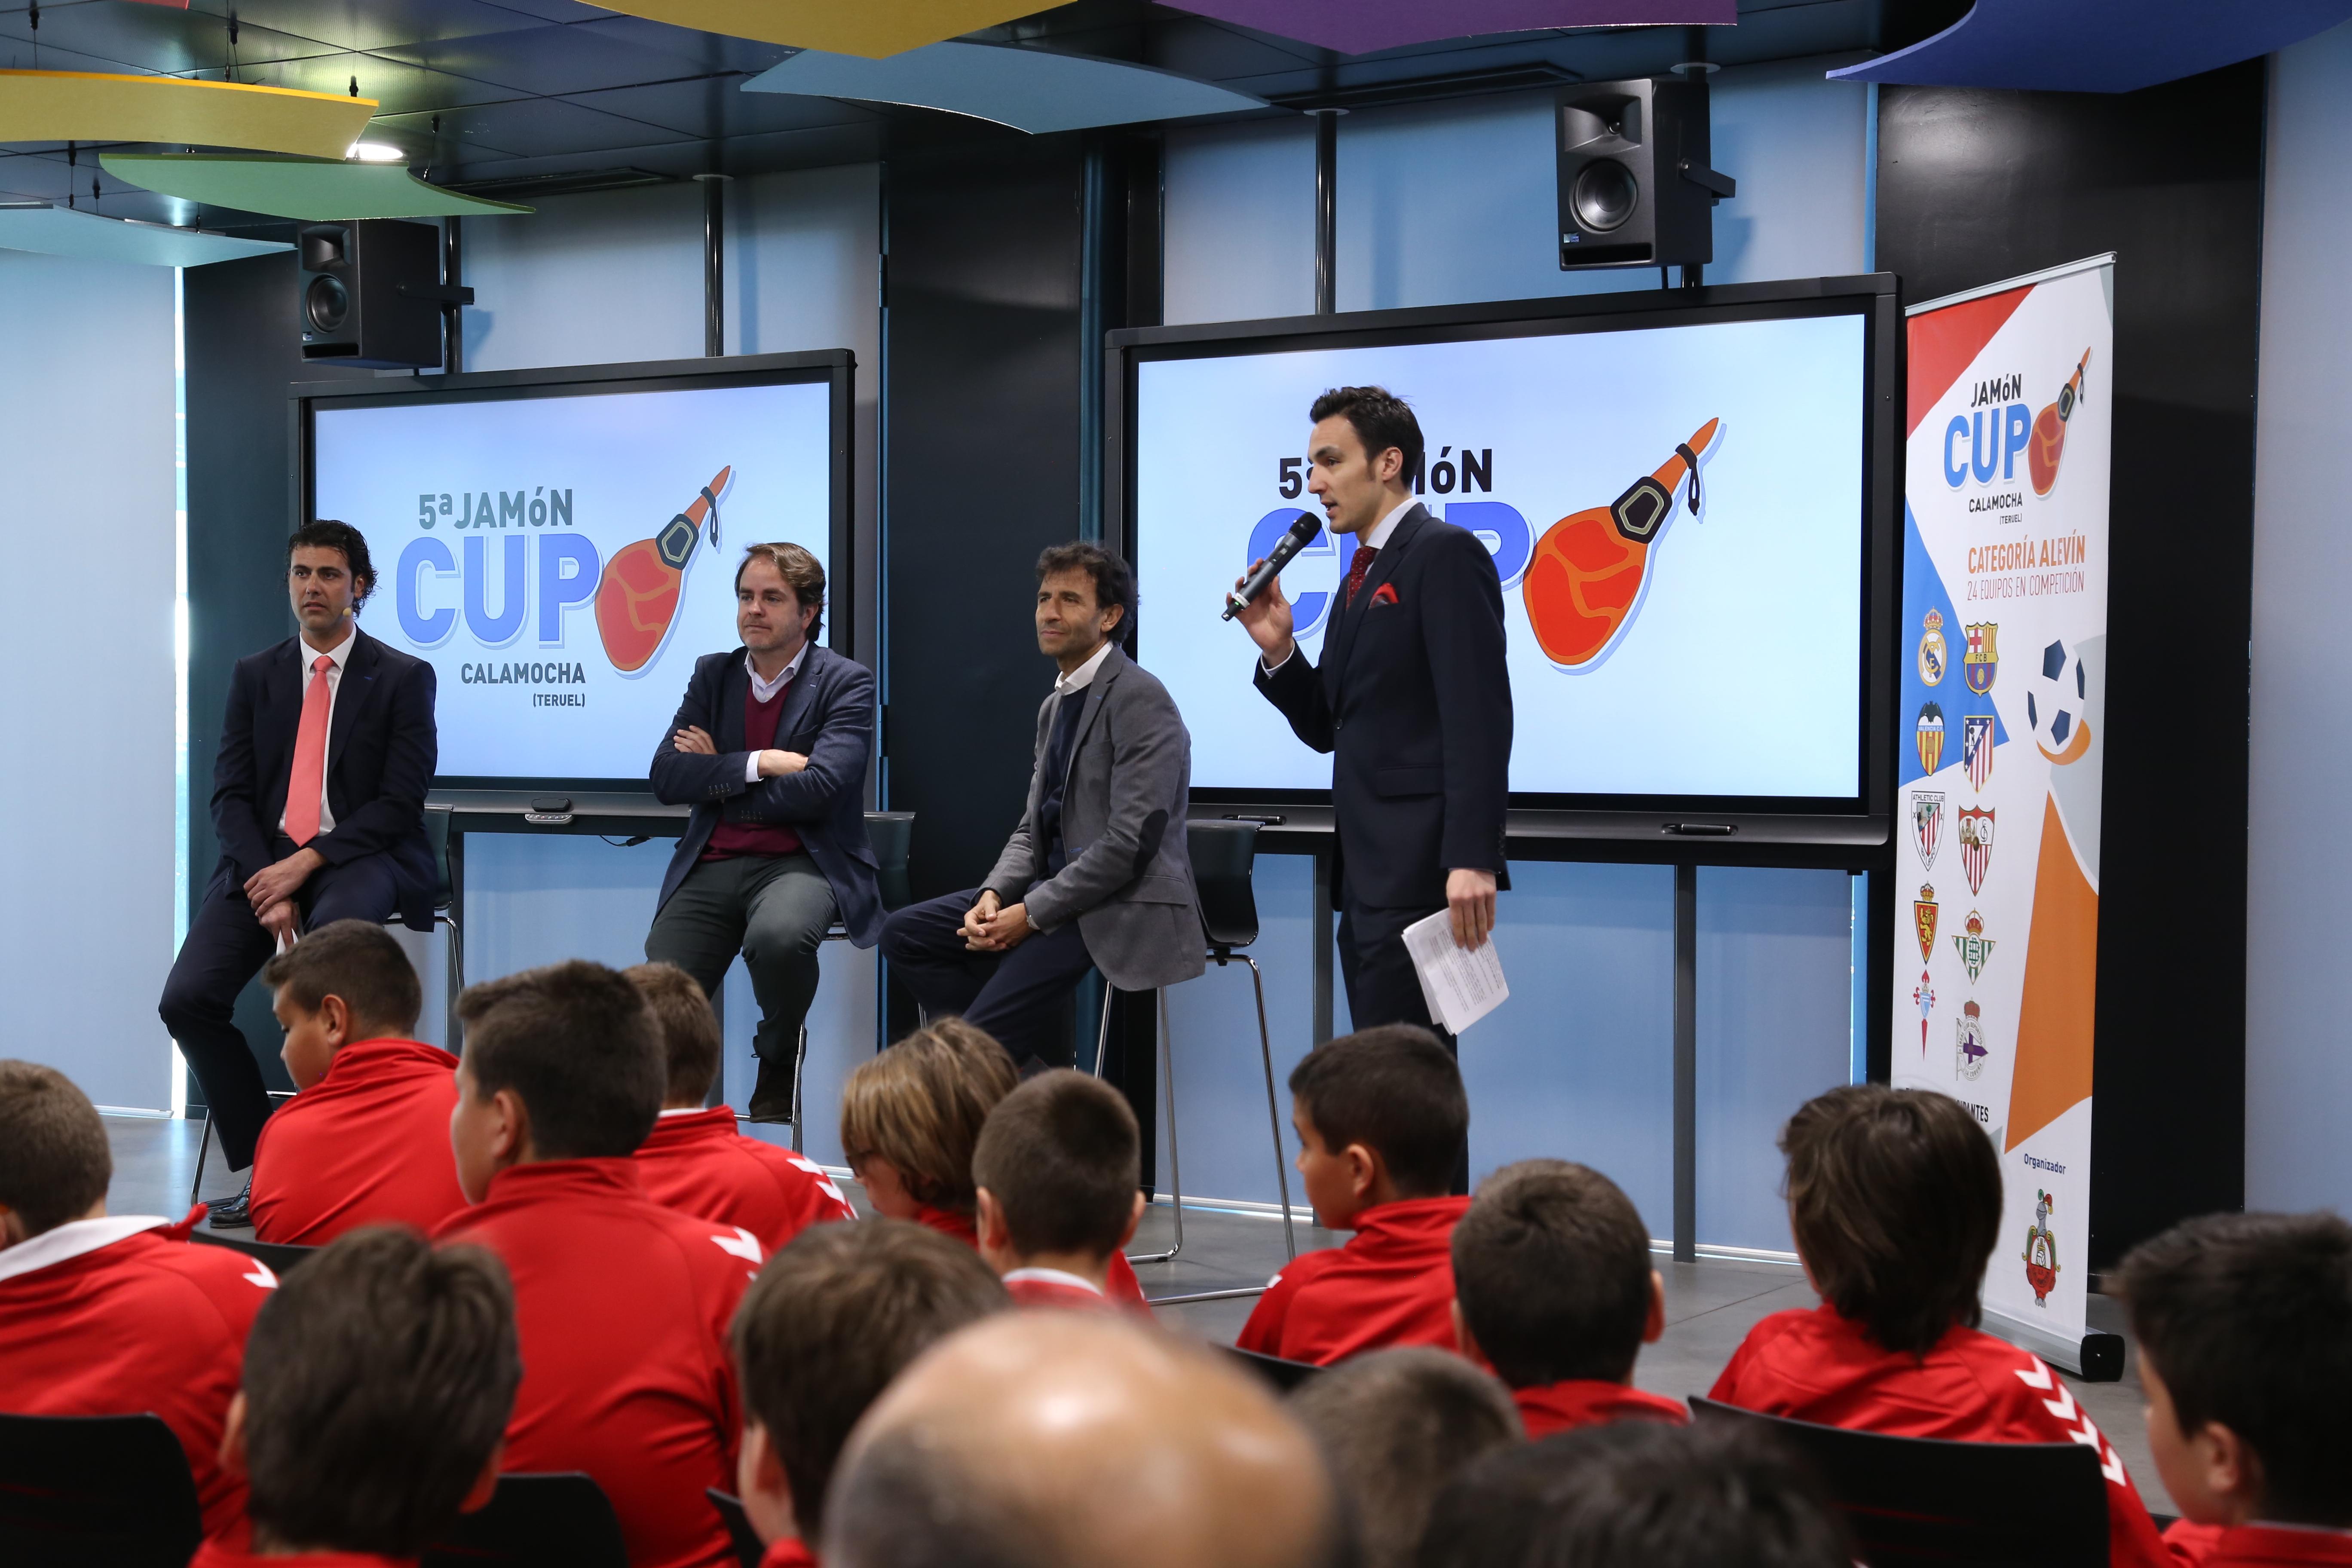 presentación Jamón Cup 2019